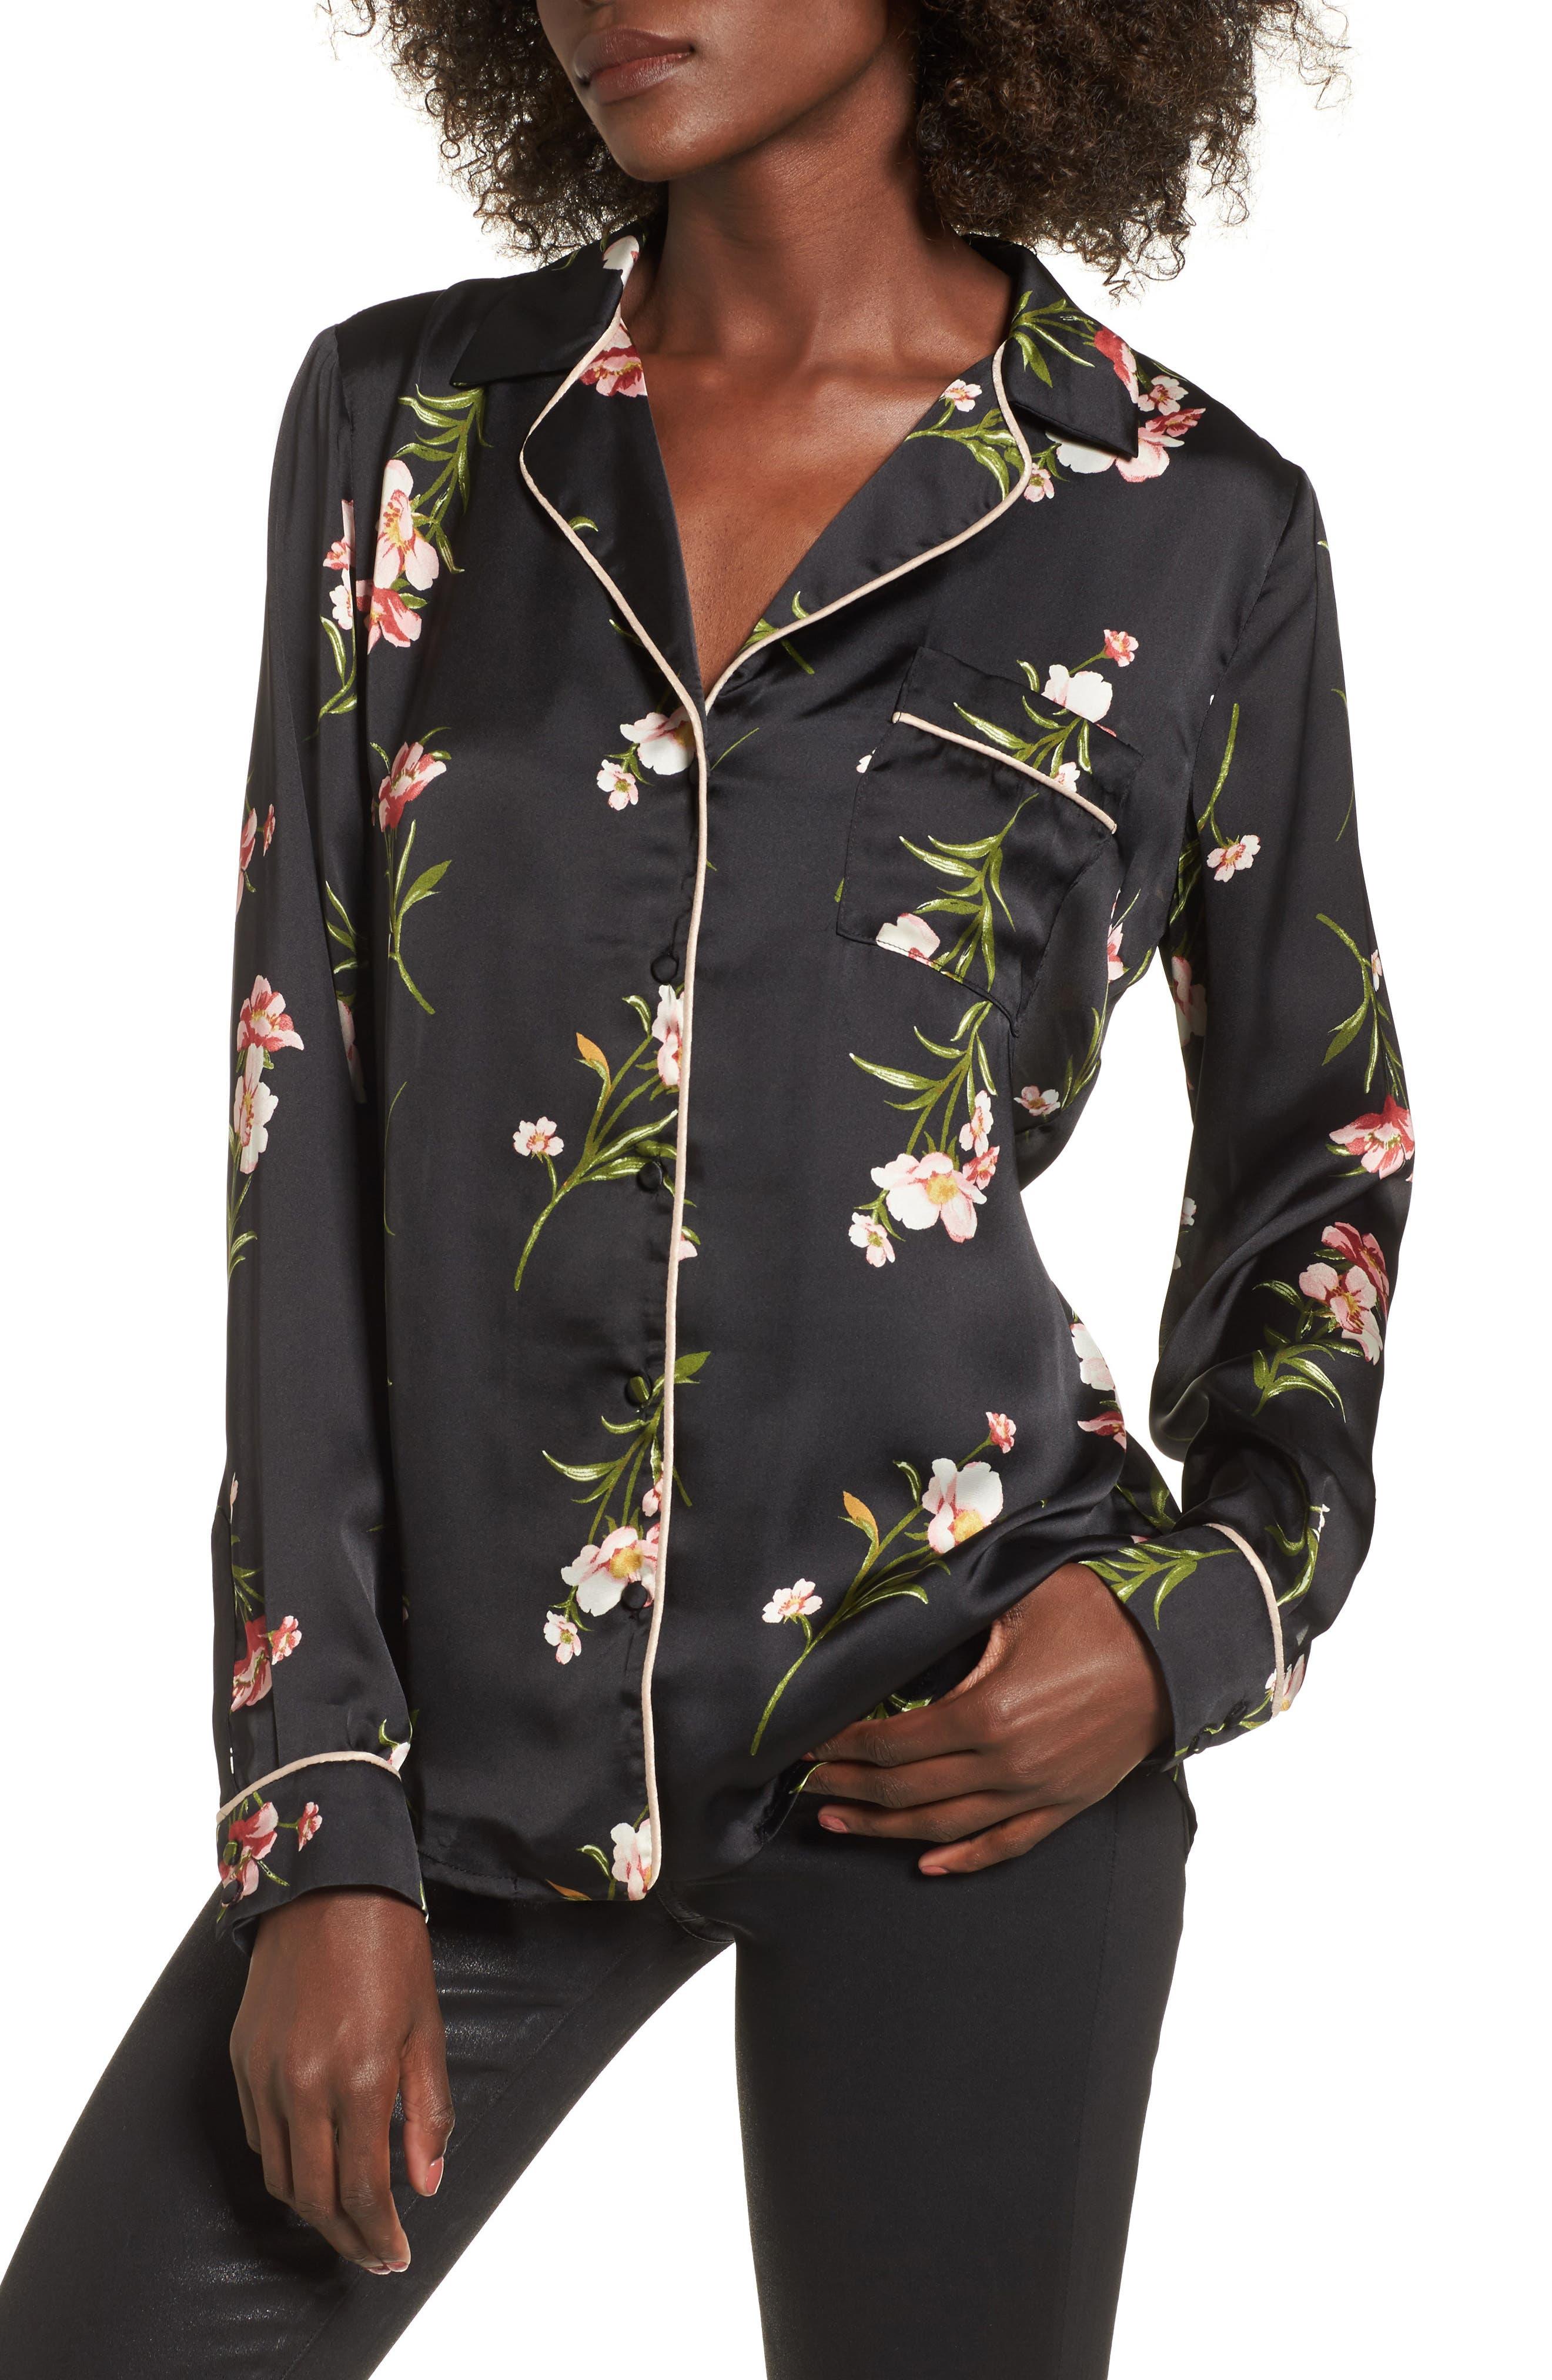 Floral PJ Shirt,                         Main,                         color, Black Rose Floral